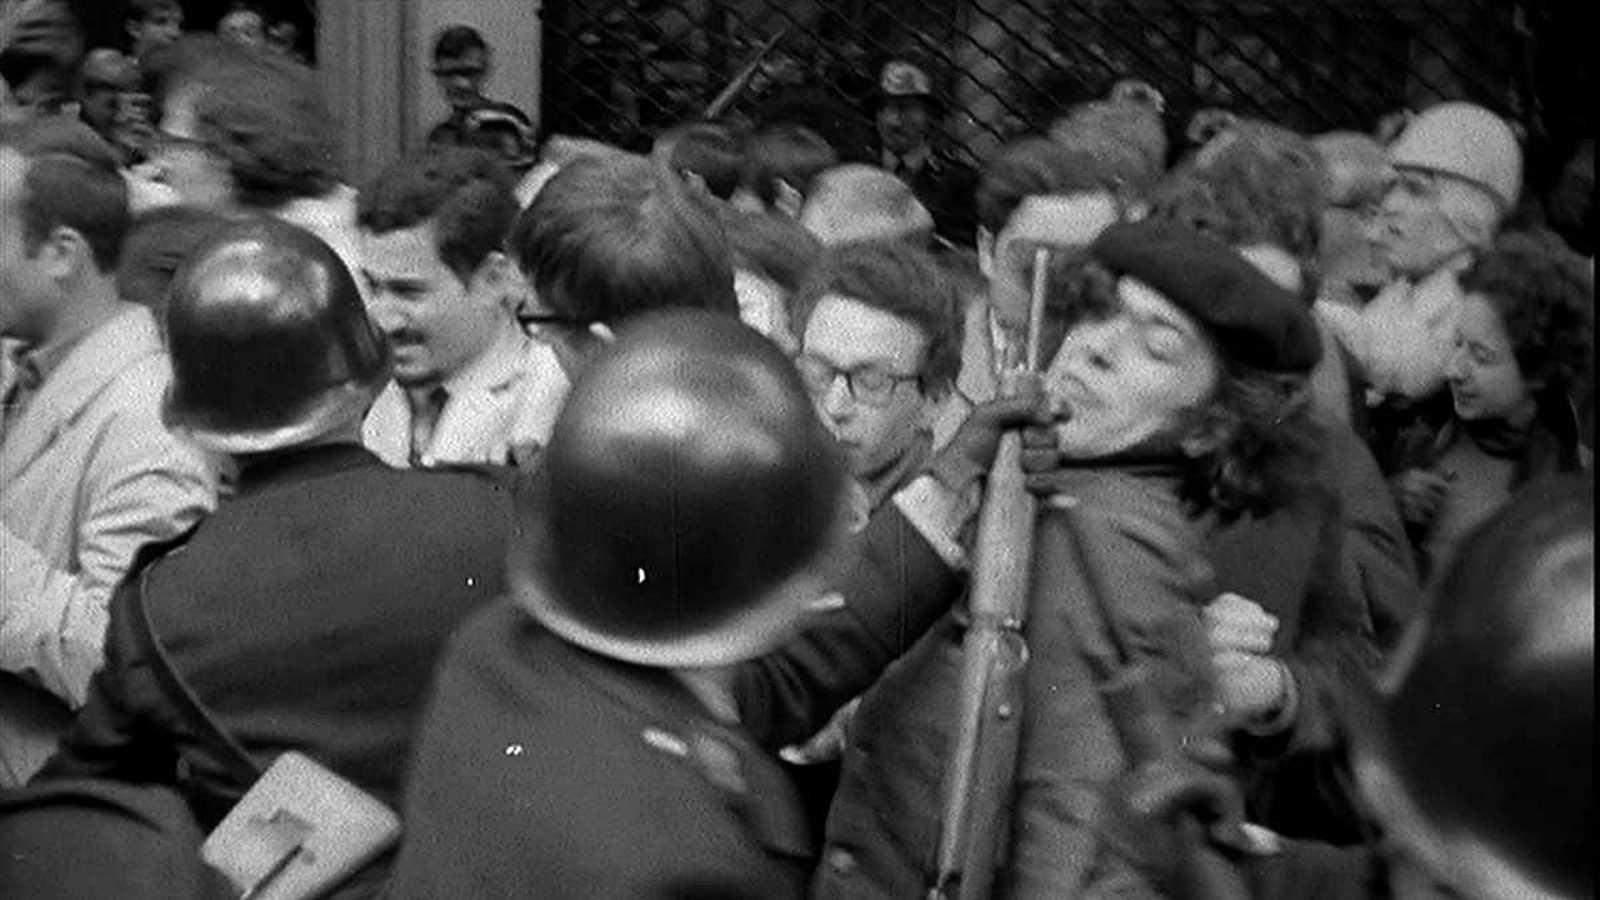 La noche temática - 1968, la revuelta global: Diez años que sacudieron el mundo - ver ahora